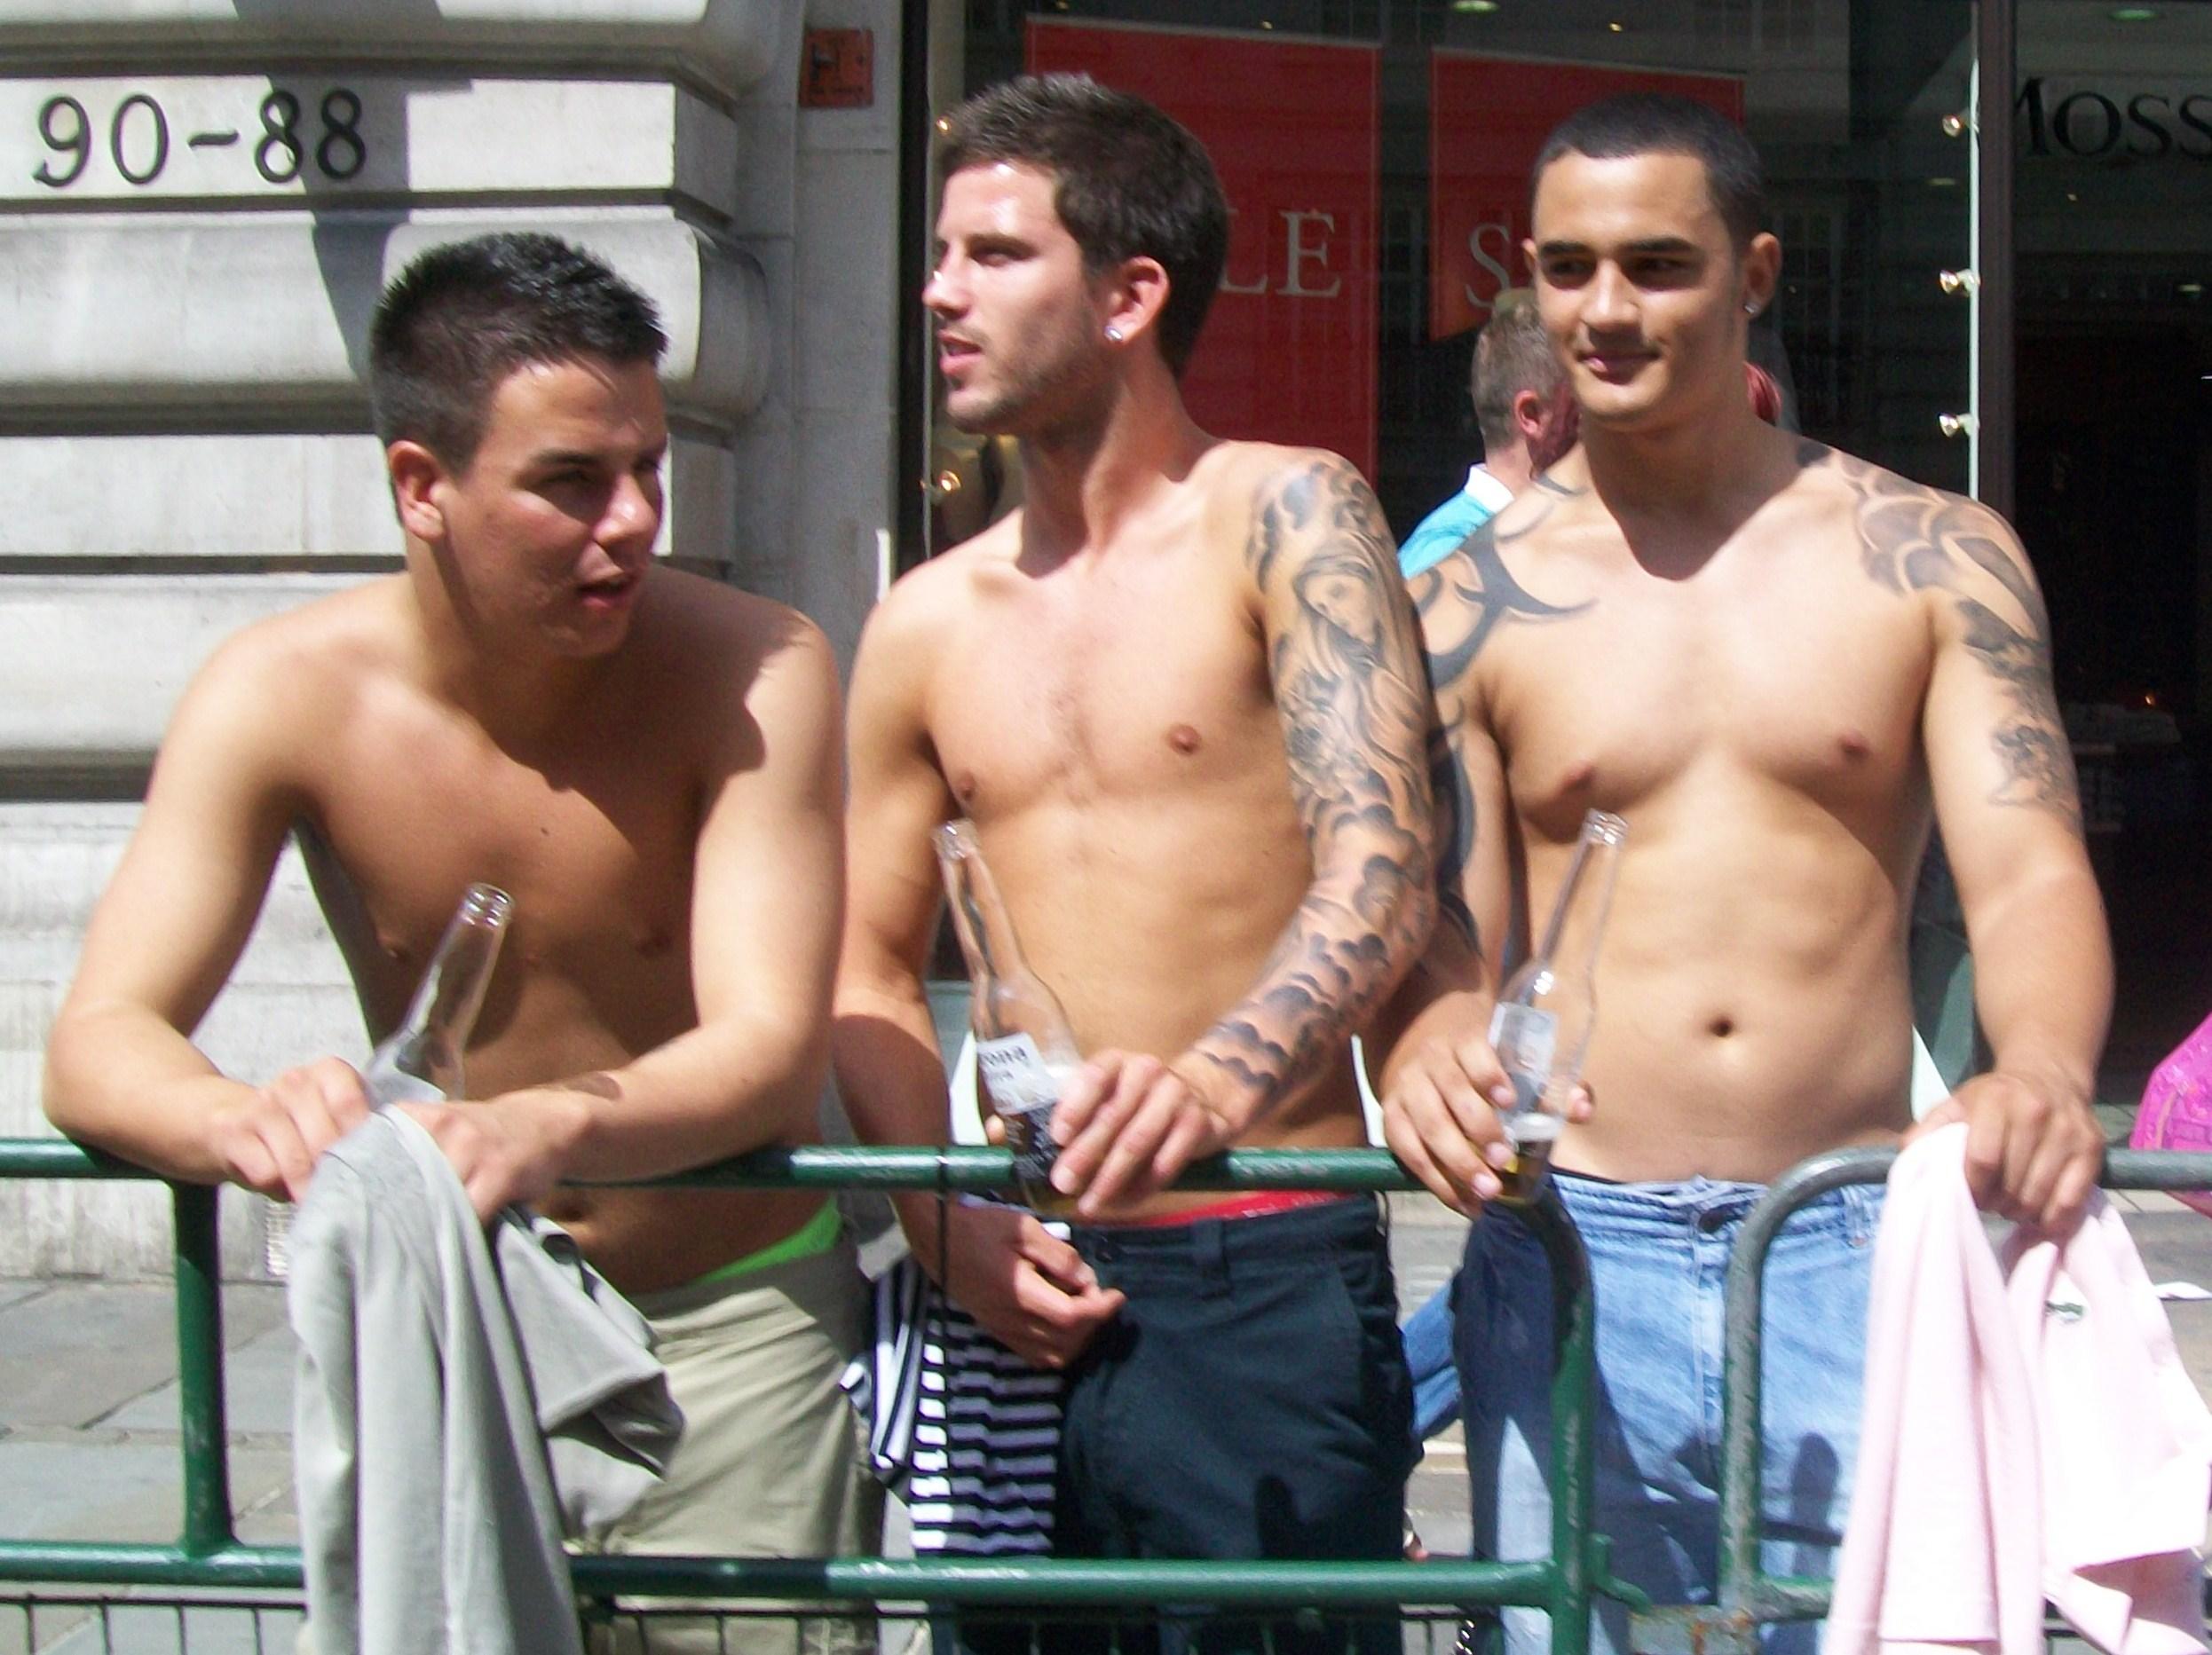 Gay travel Europe - London